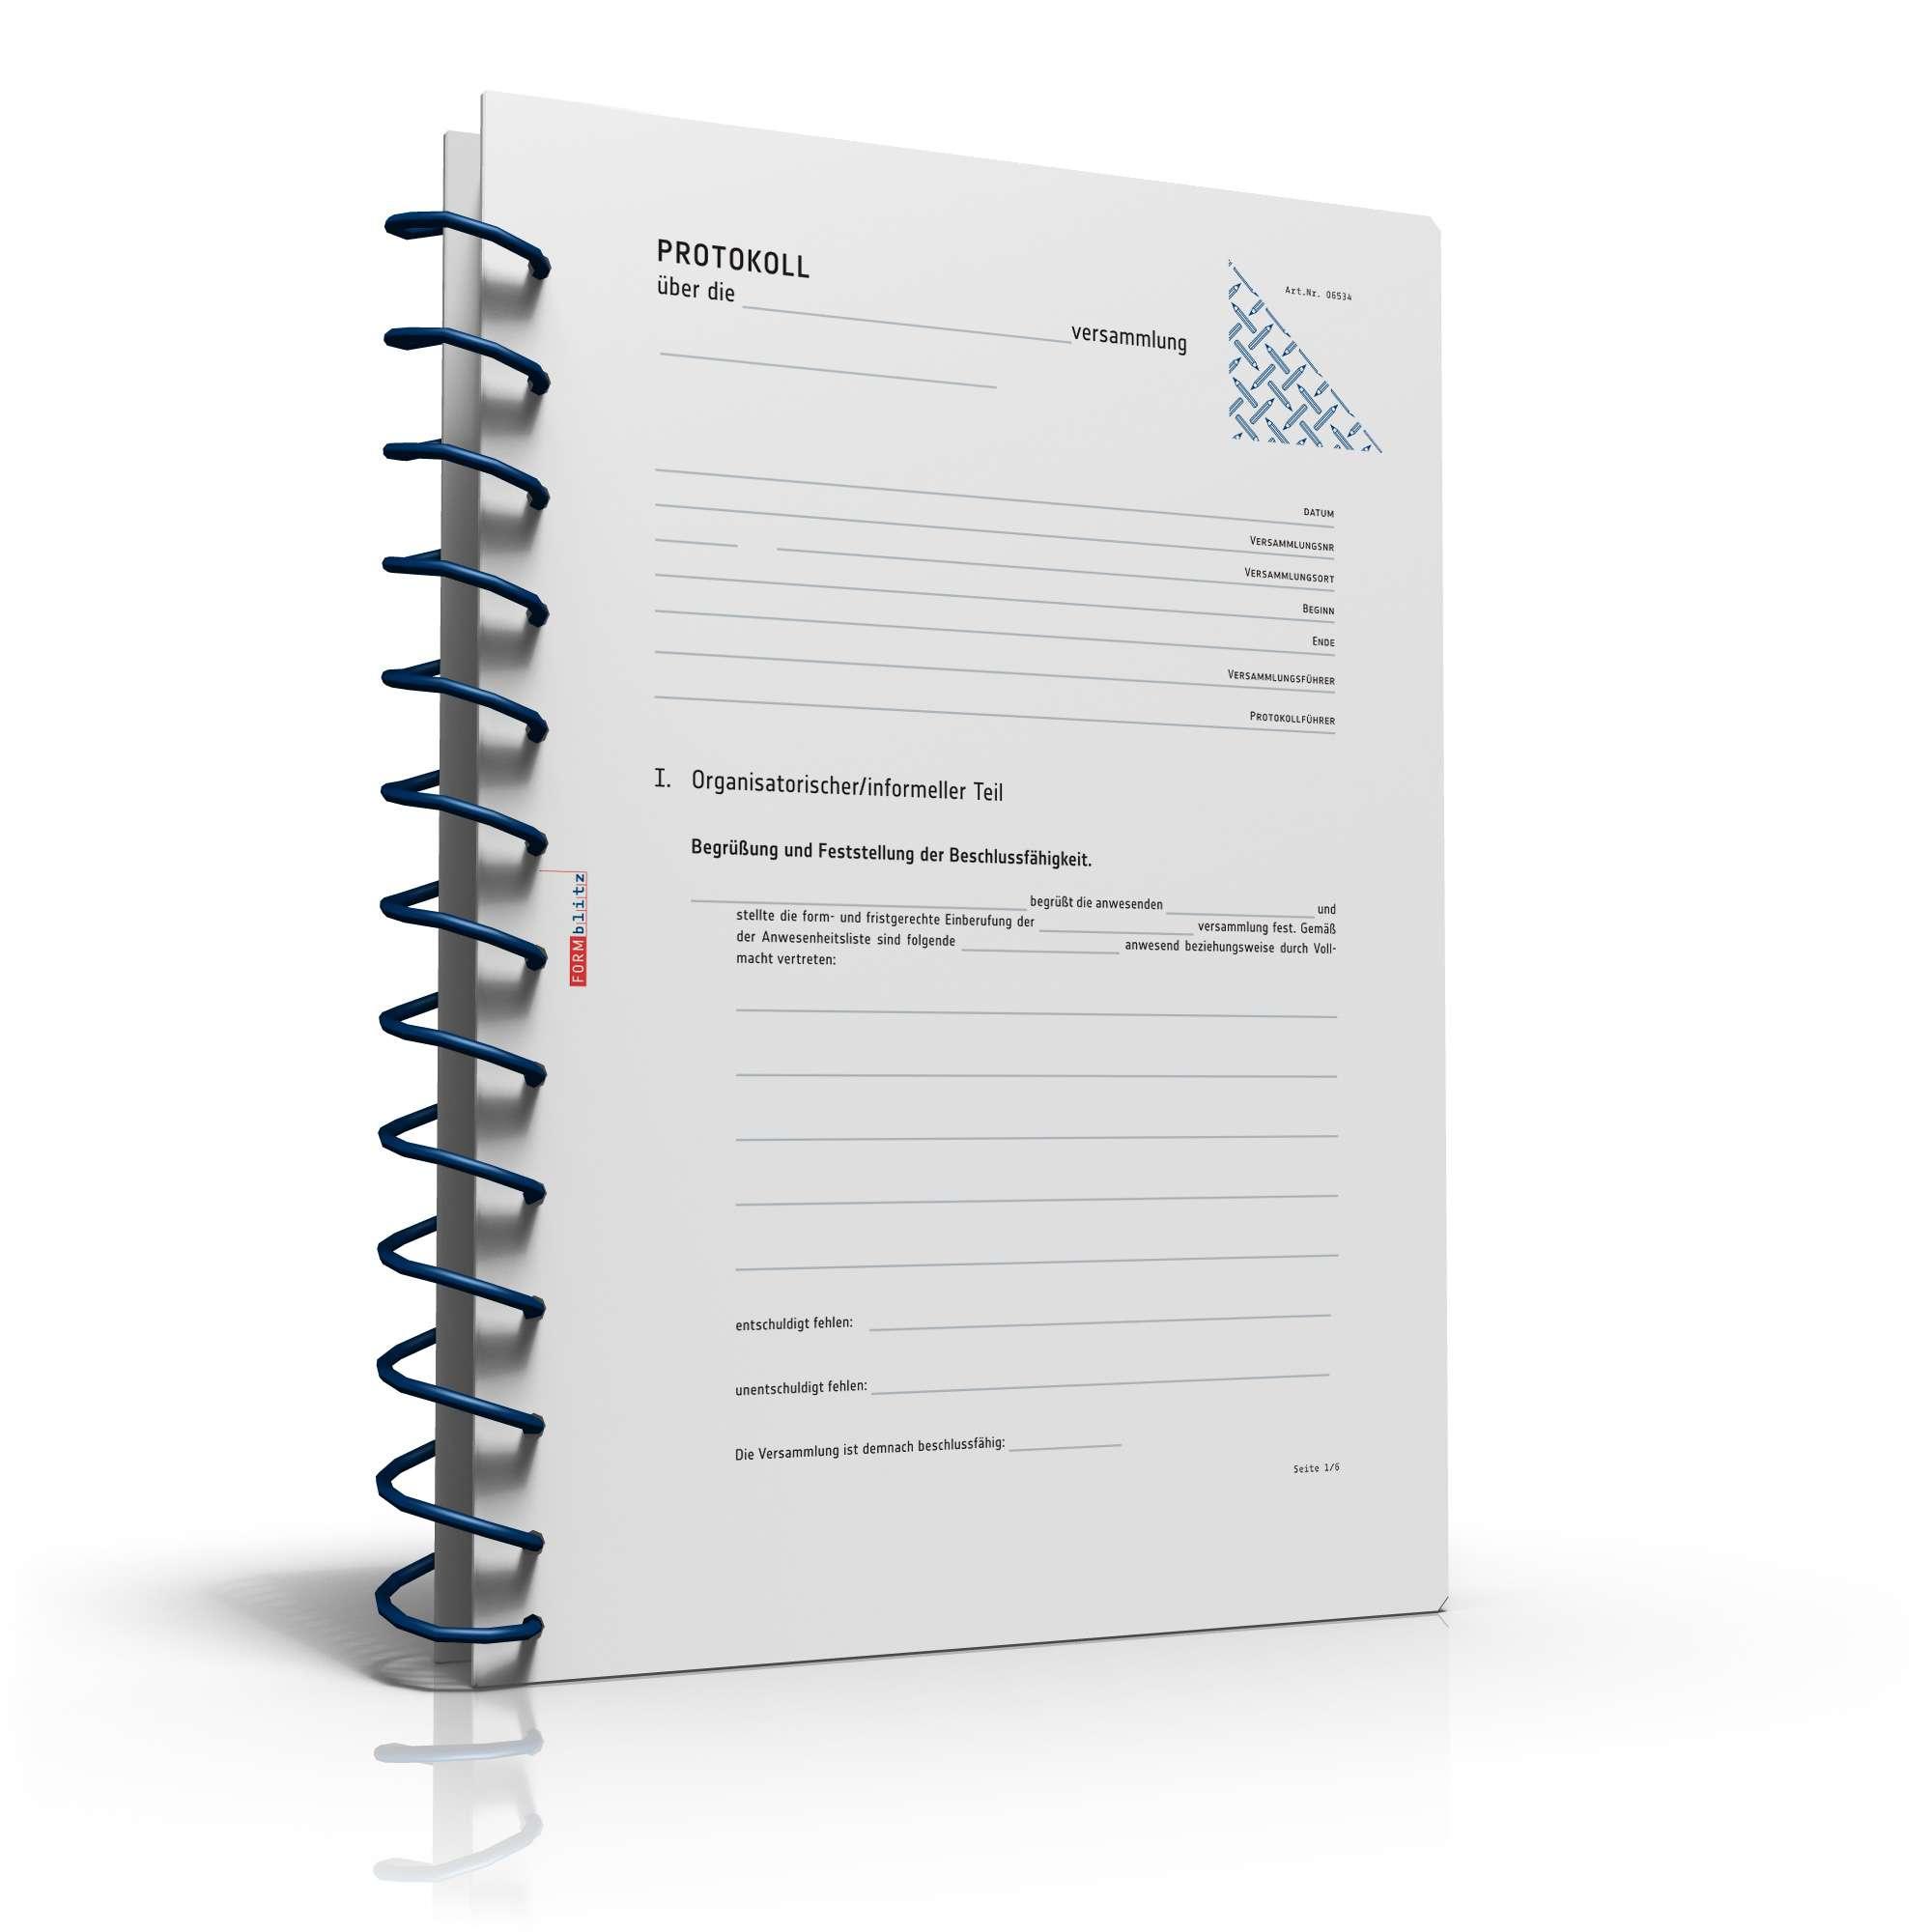 Großzügig Fortsetzen Der Dateneingabe Unternehmensprofil Format ...